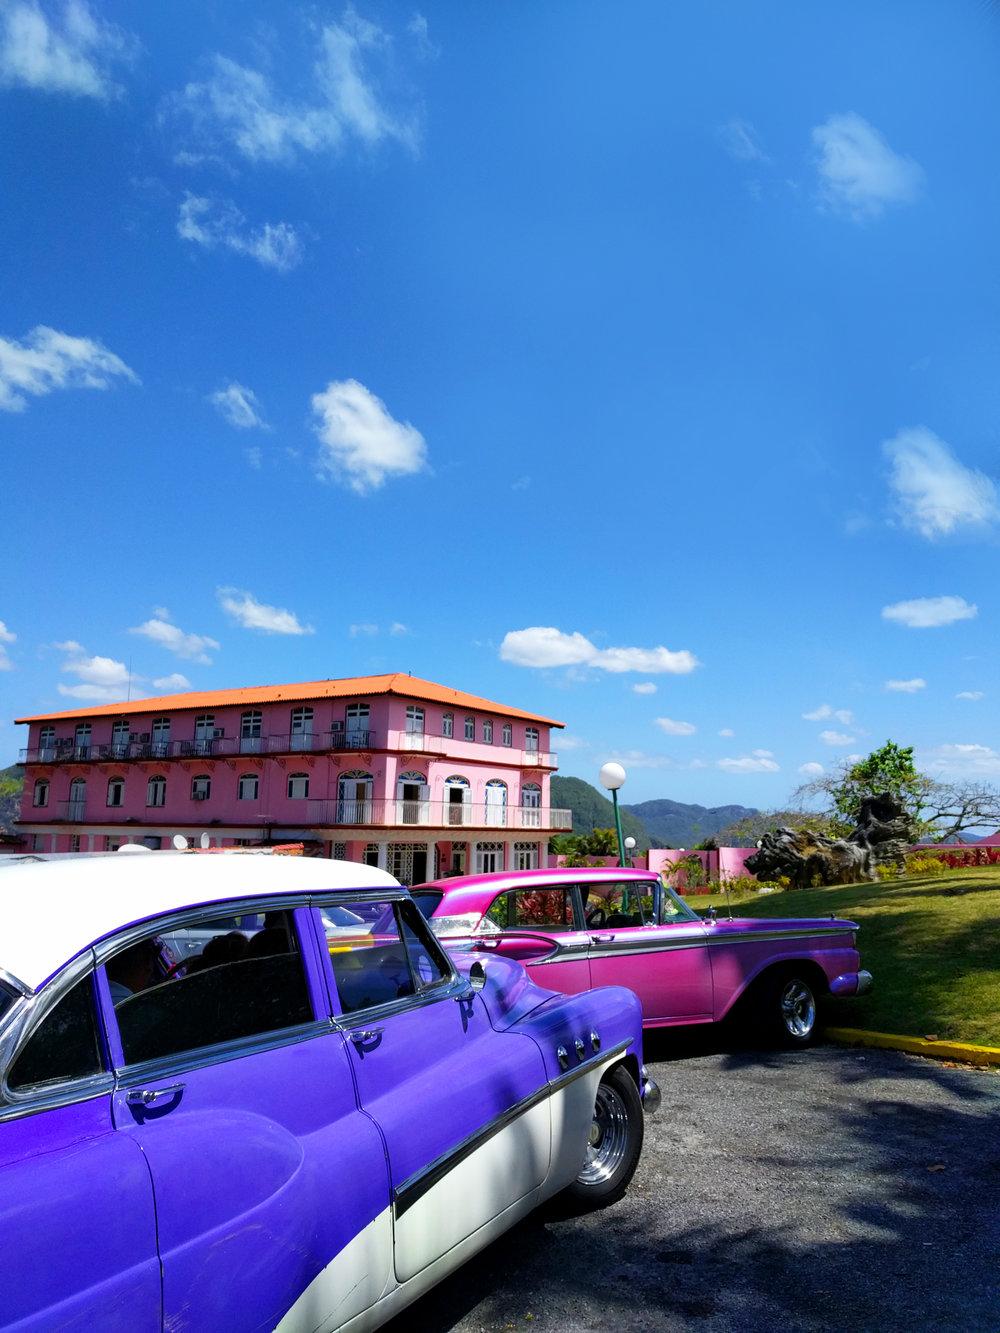 TravelCuba_Viñales_PurpleClassicCar.jpg